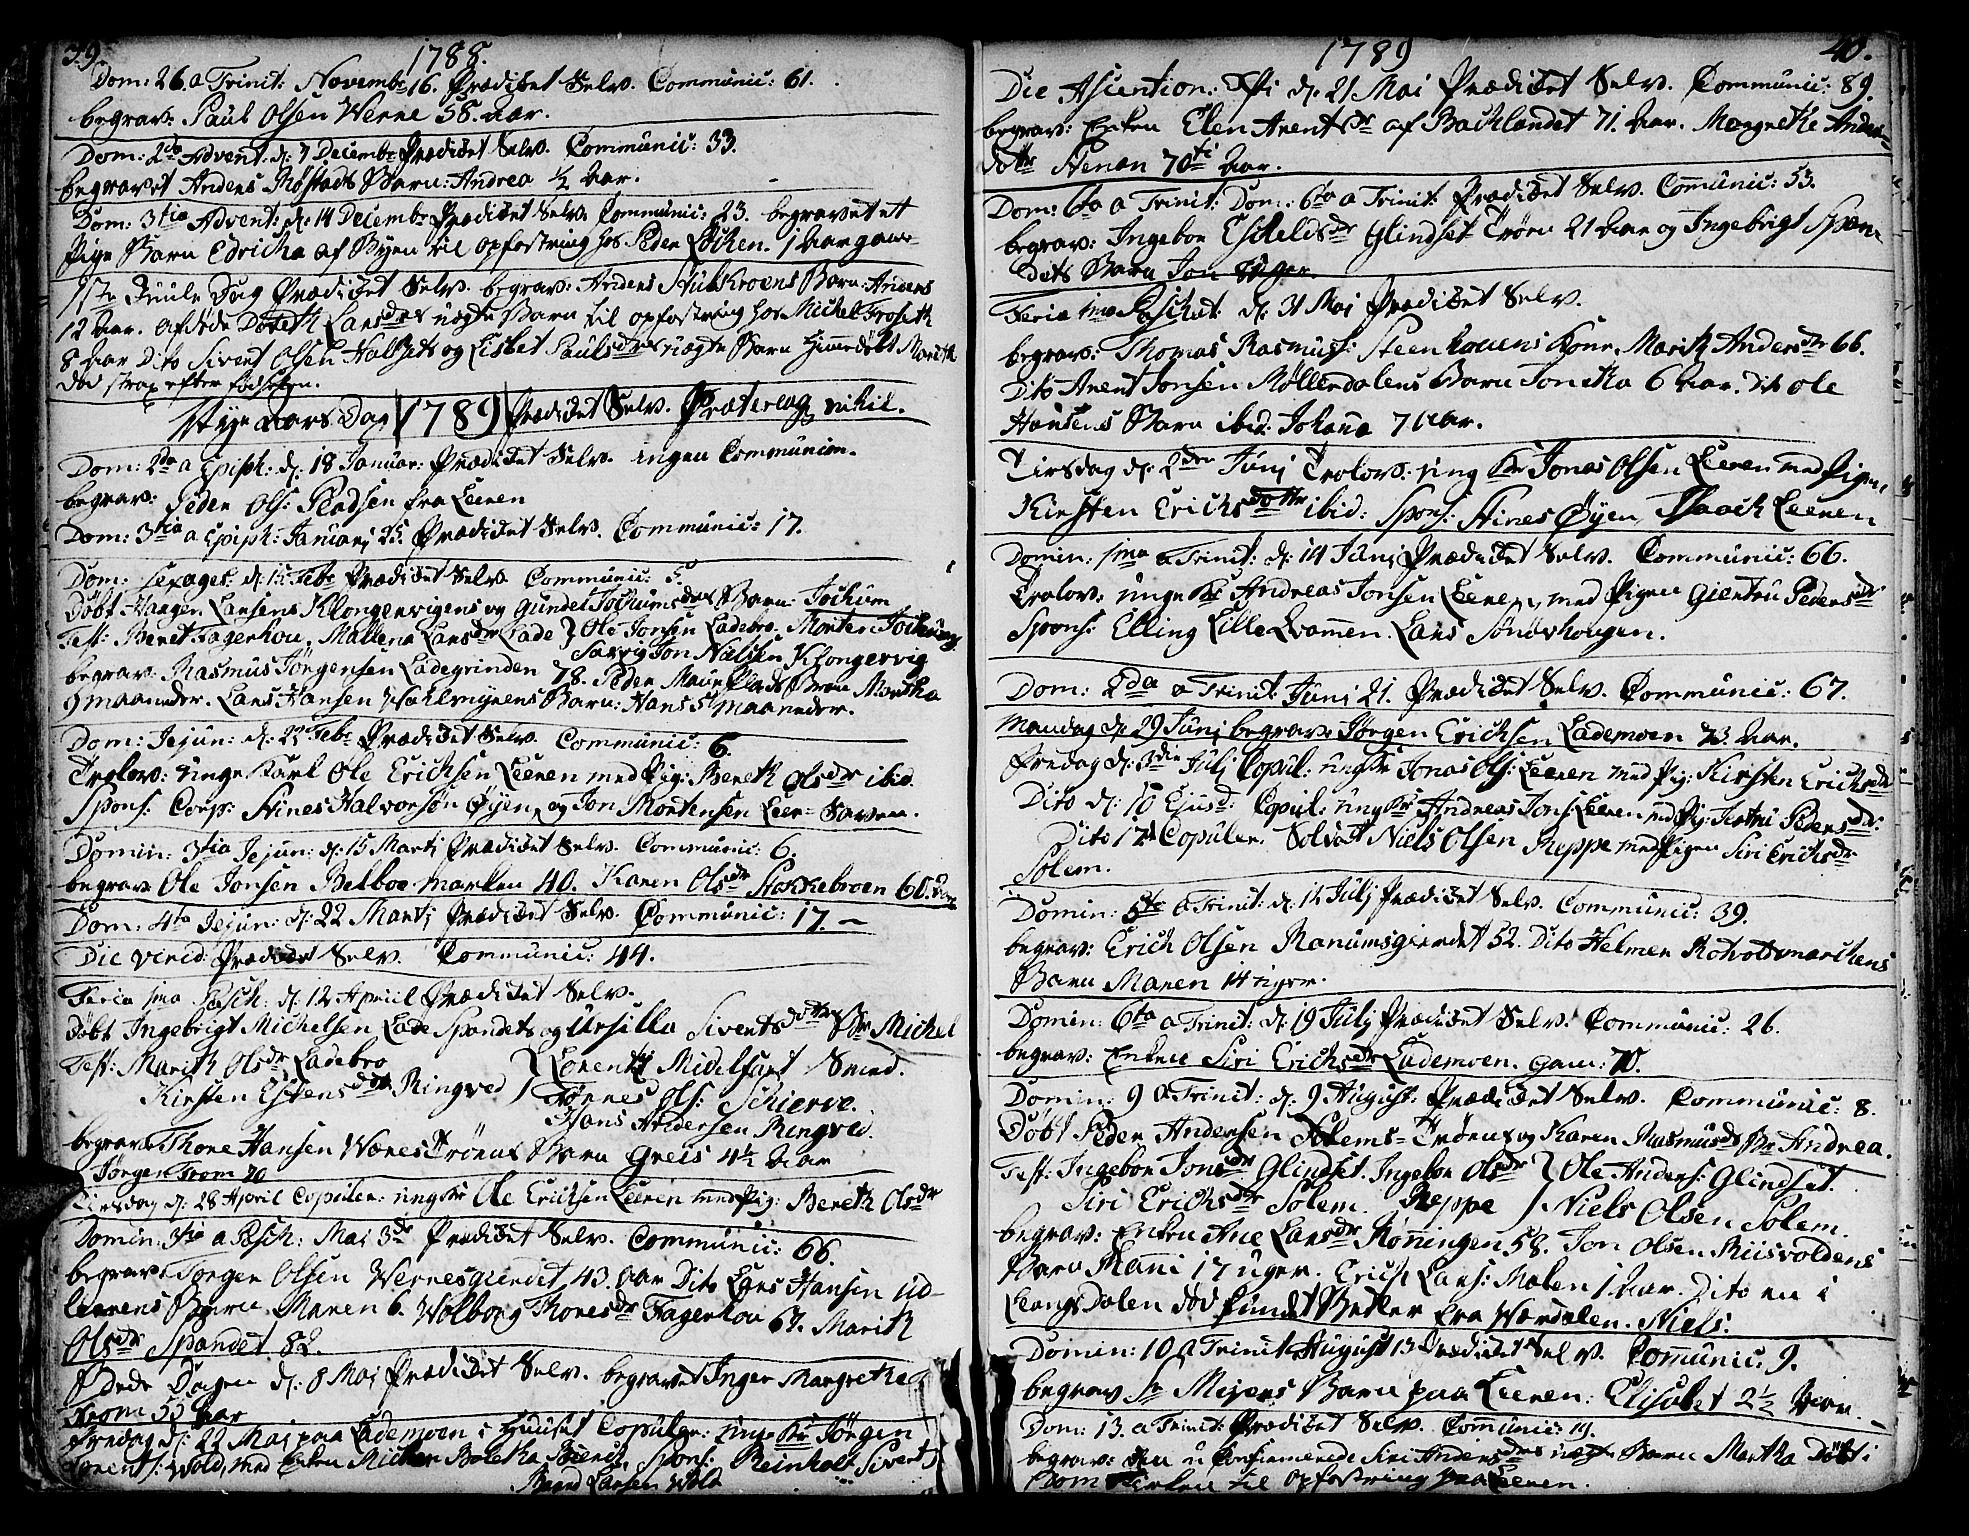 SAT, Ministerialprotokoller, klokkerbøker og fødselsregistre - Sør-Trøndelag, 606/L0280: Ministerialbok nr. 606A02 /1, 1781-1817, s. 39-40